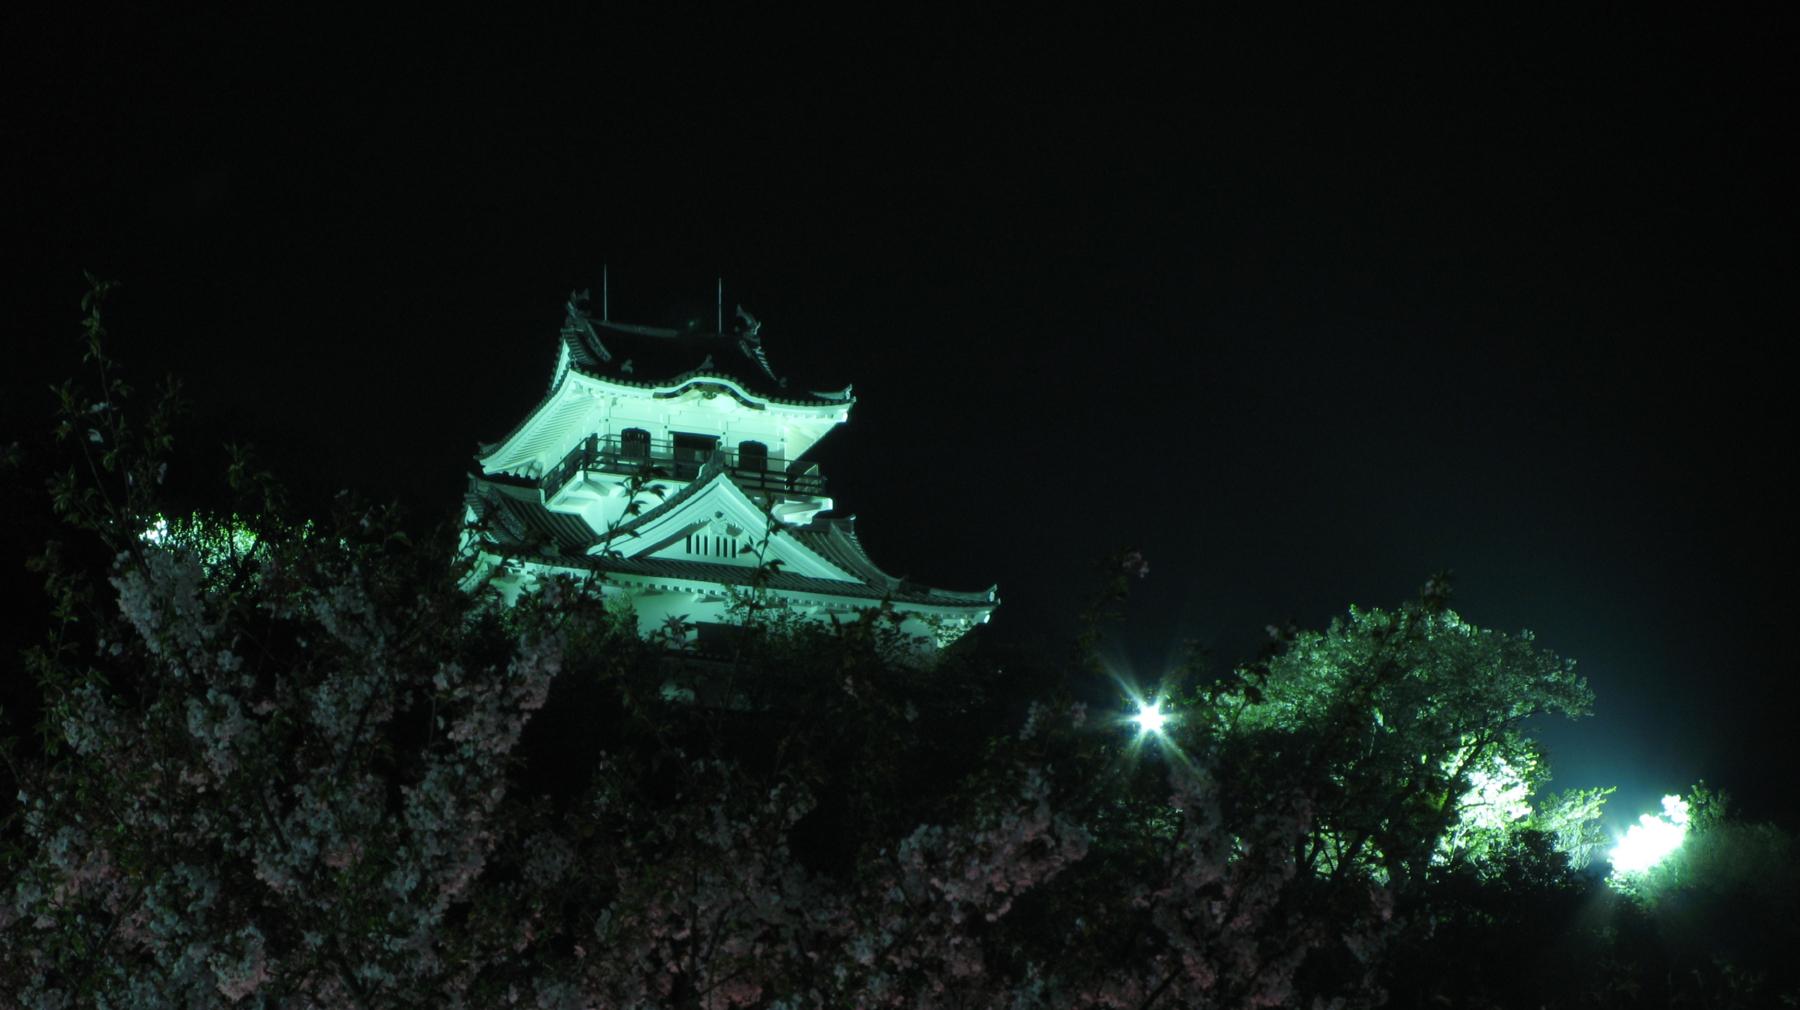 館山の観光おすすめスポットランキングTOP21!名所・旧跡・自然もいっぱい!